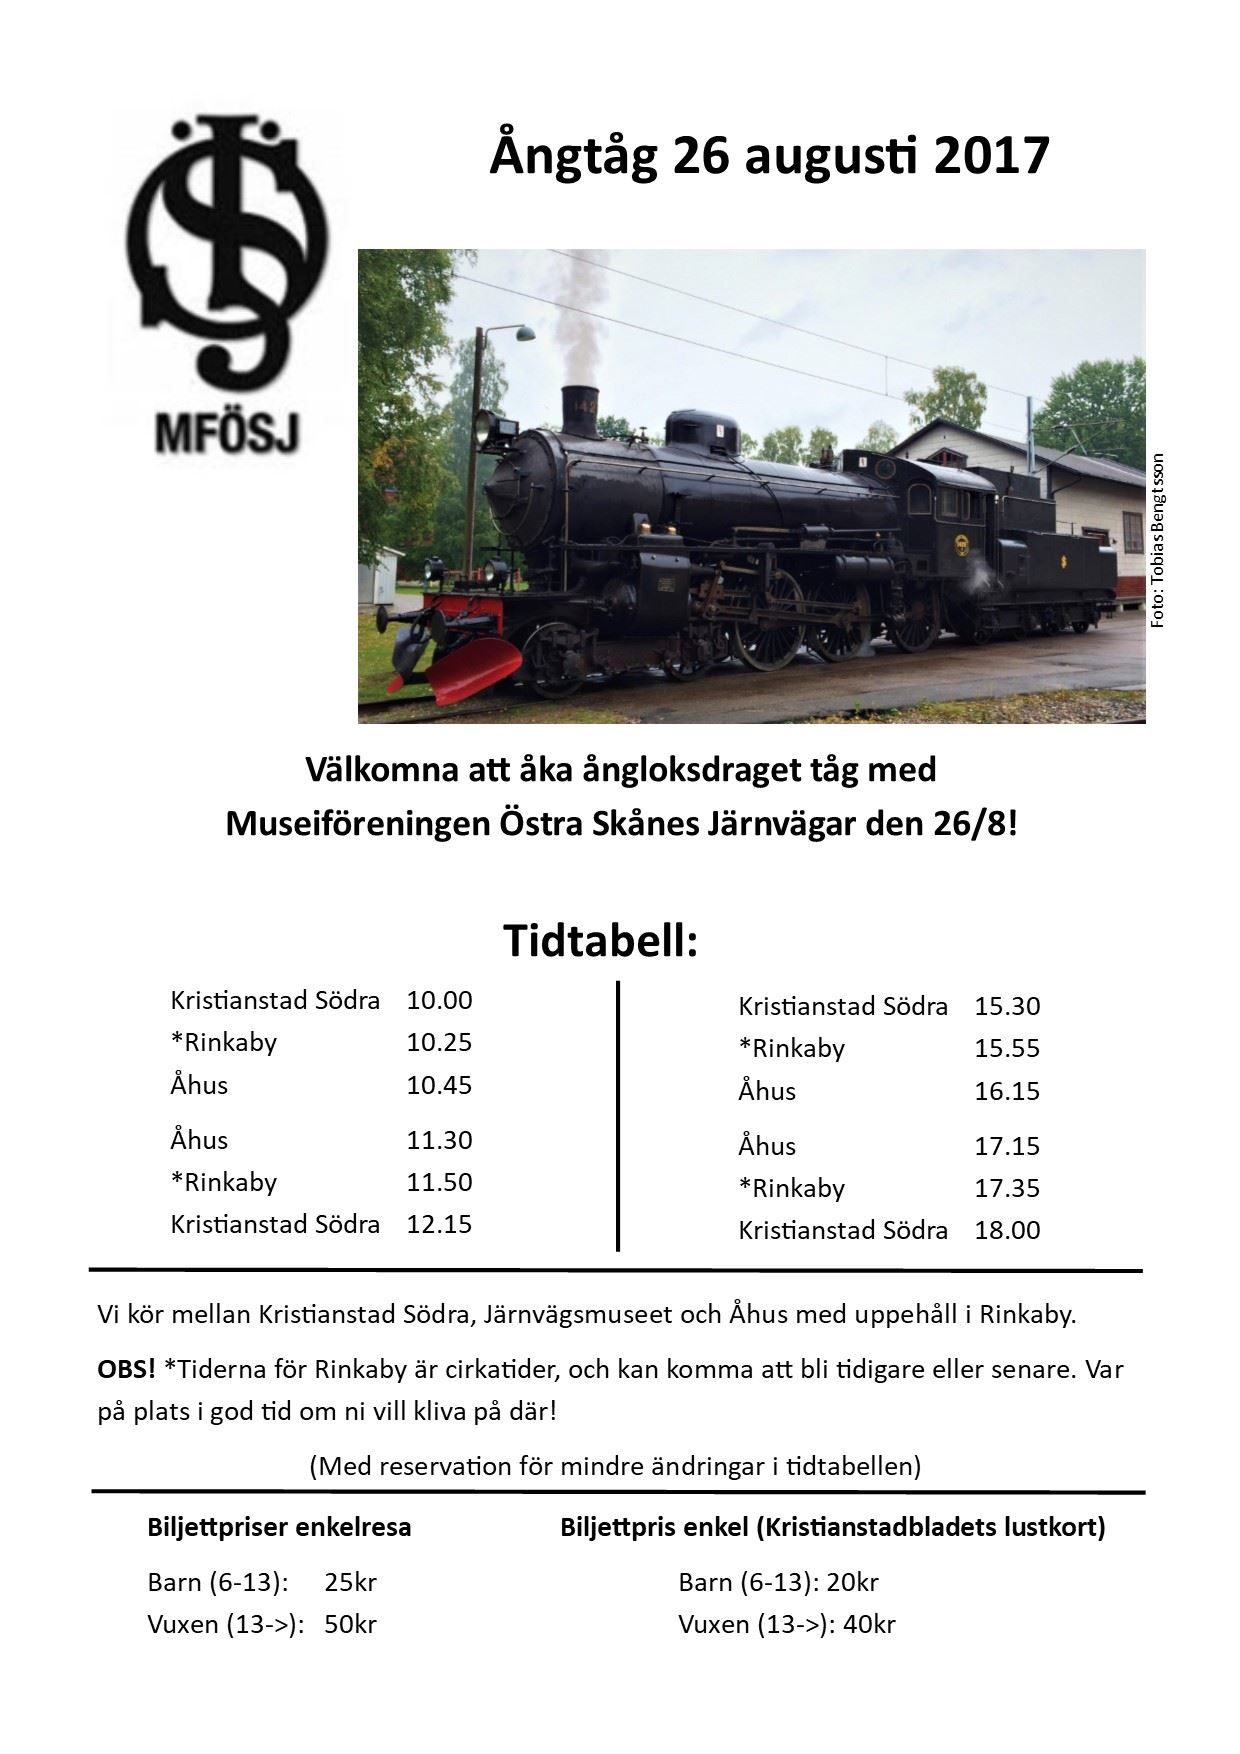 Tåg till Åhus